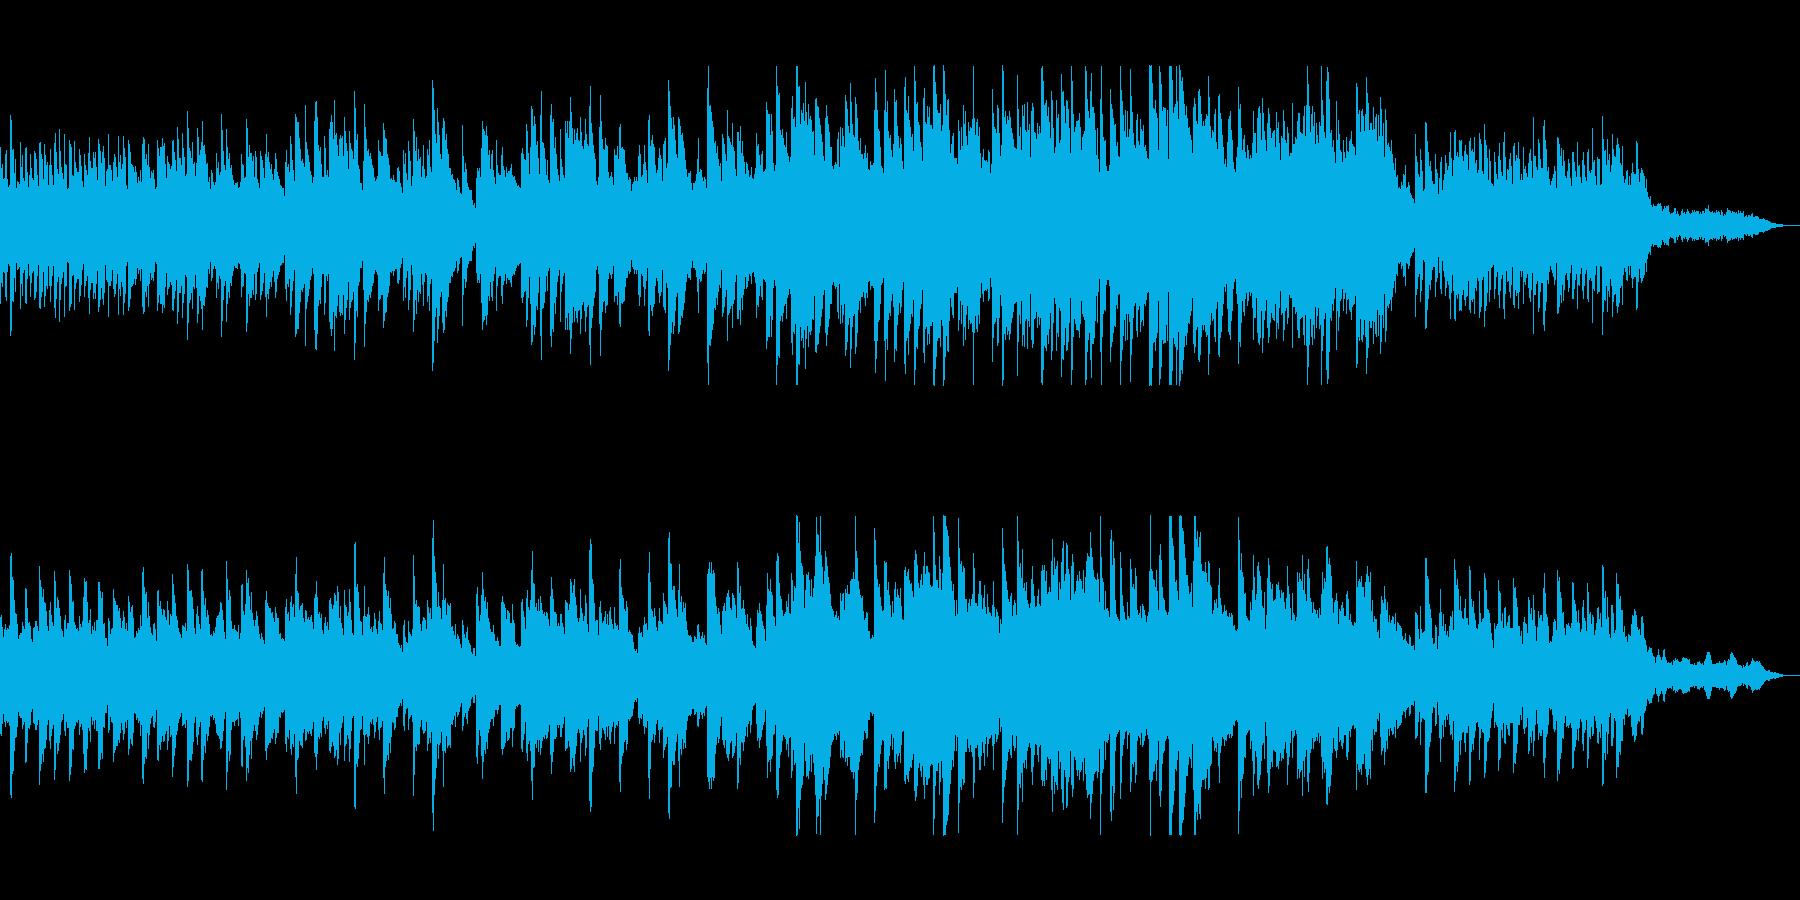 懐かしく穏やかなピアノメロディーの再生済みの波形